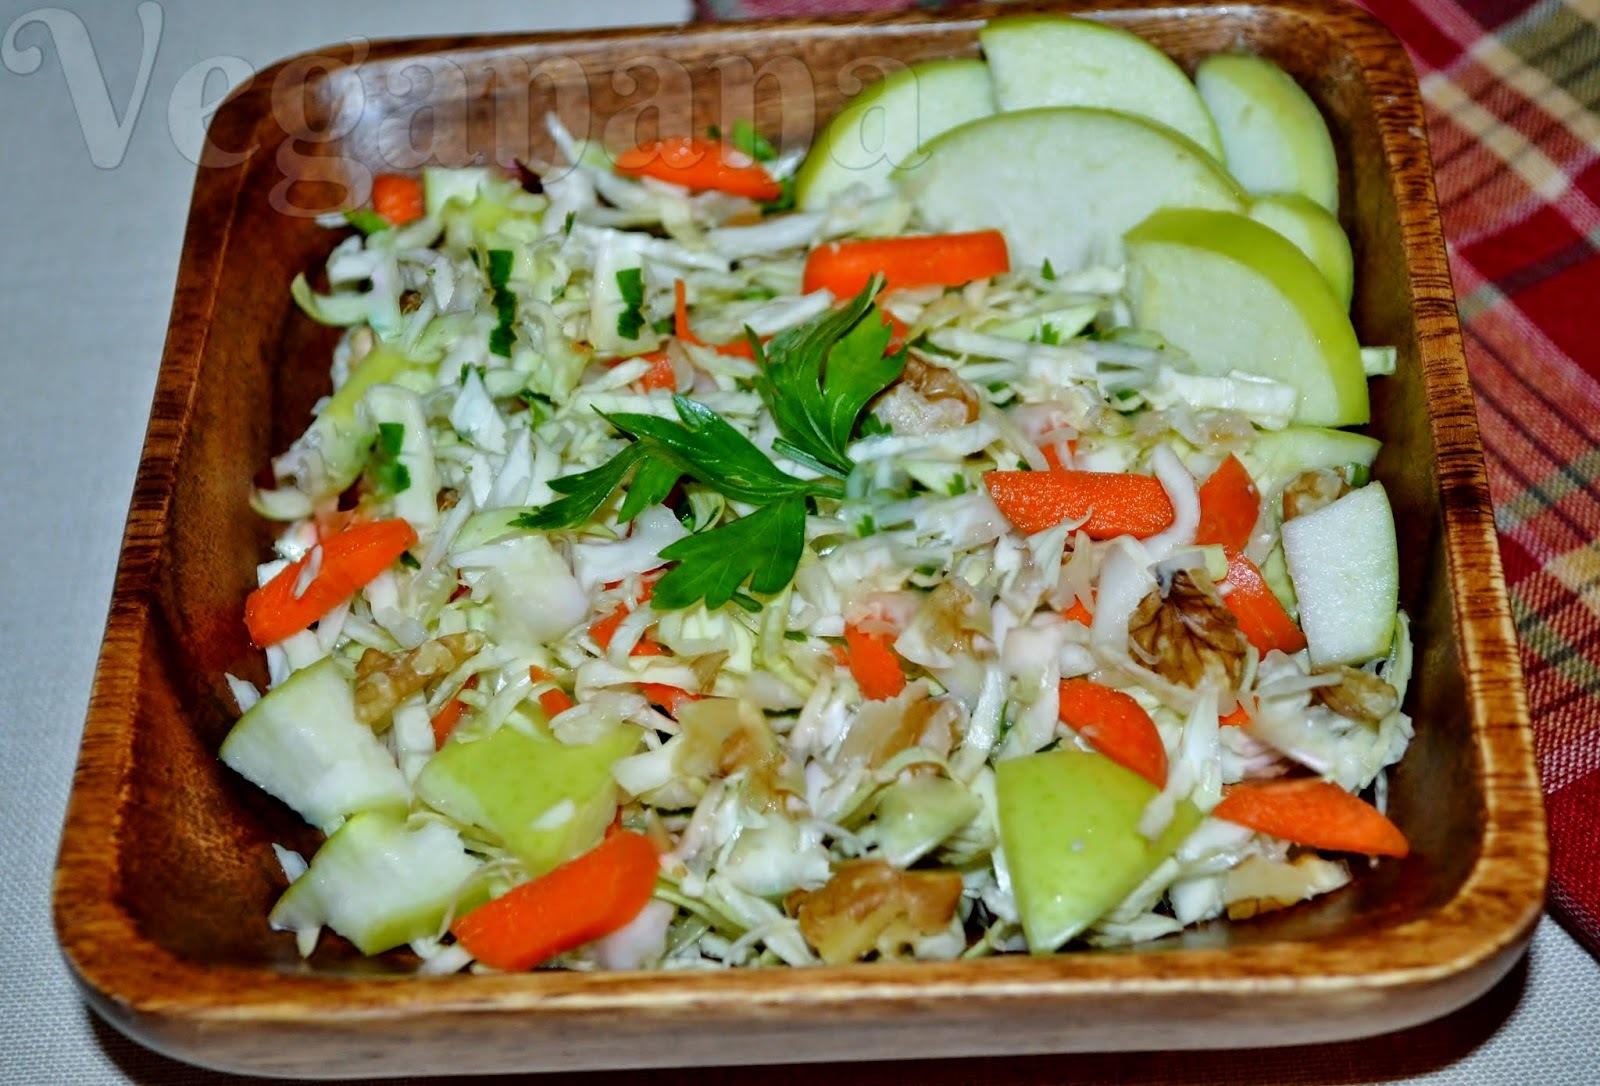 salada crua de repolho com frutas